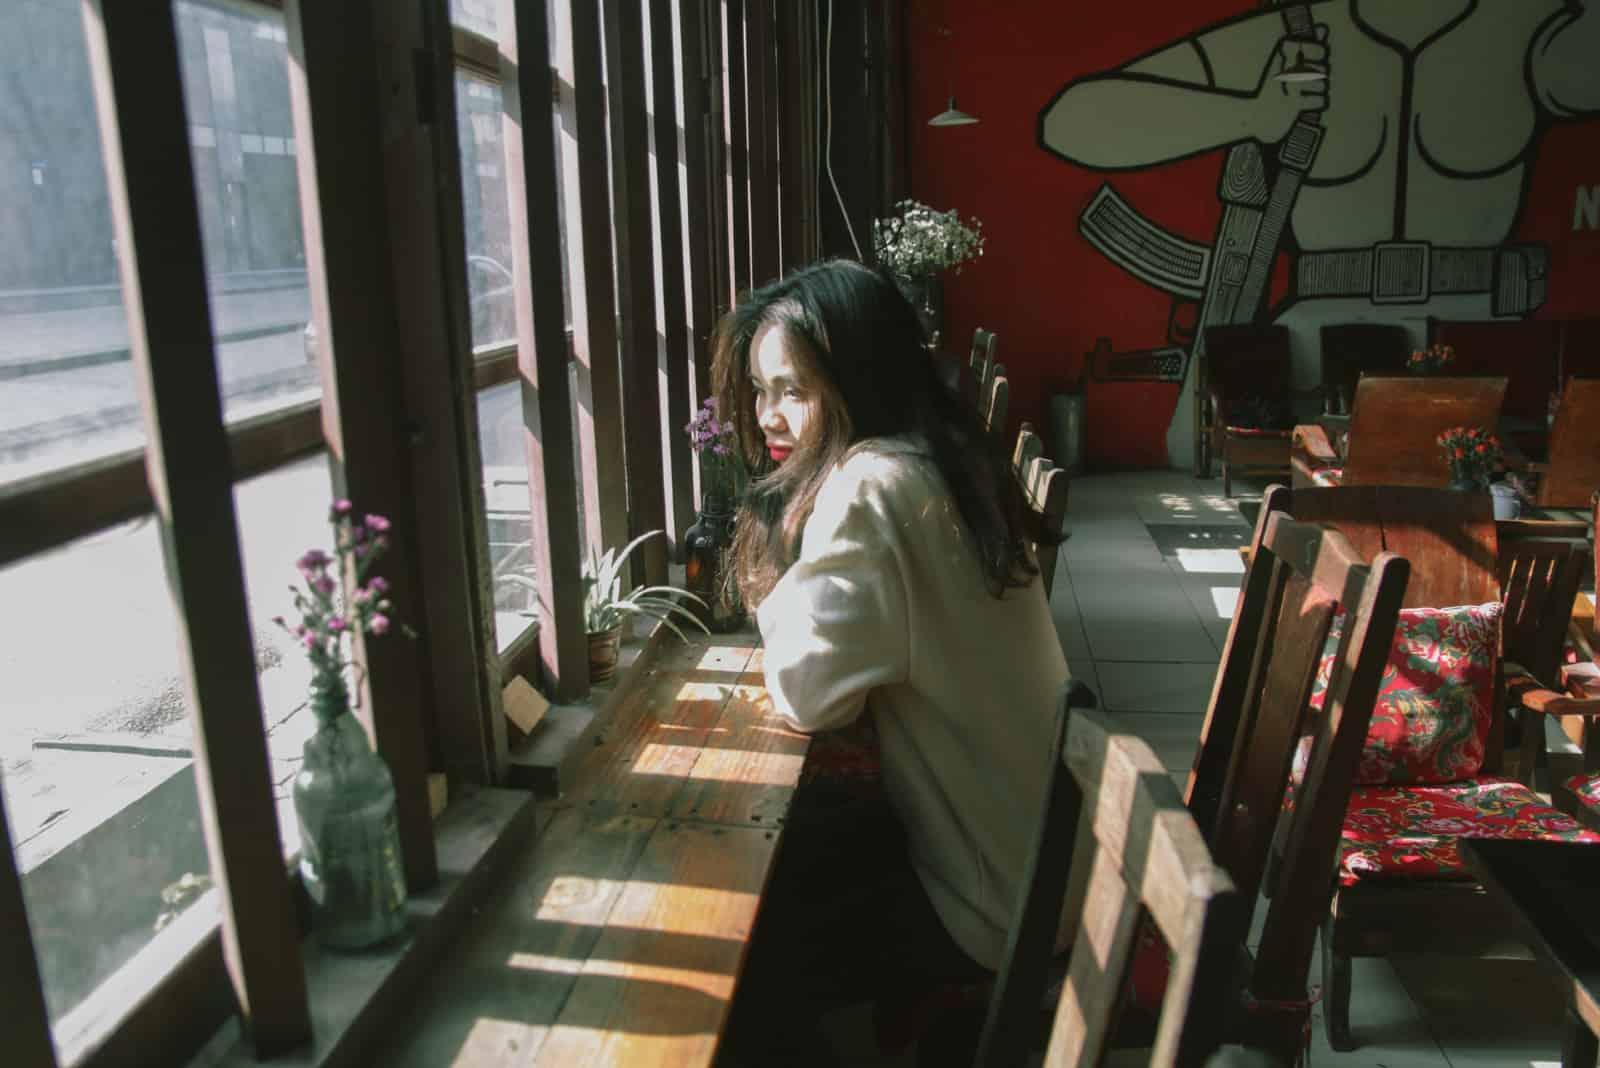 femme triste assise sur une chaise près d'une fenêtre